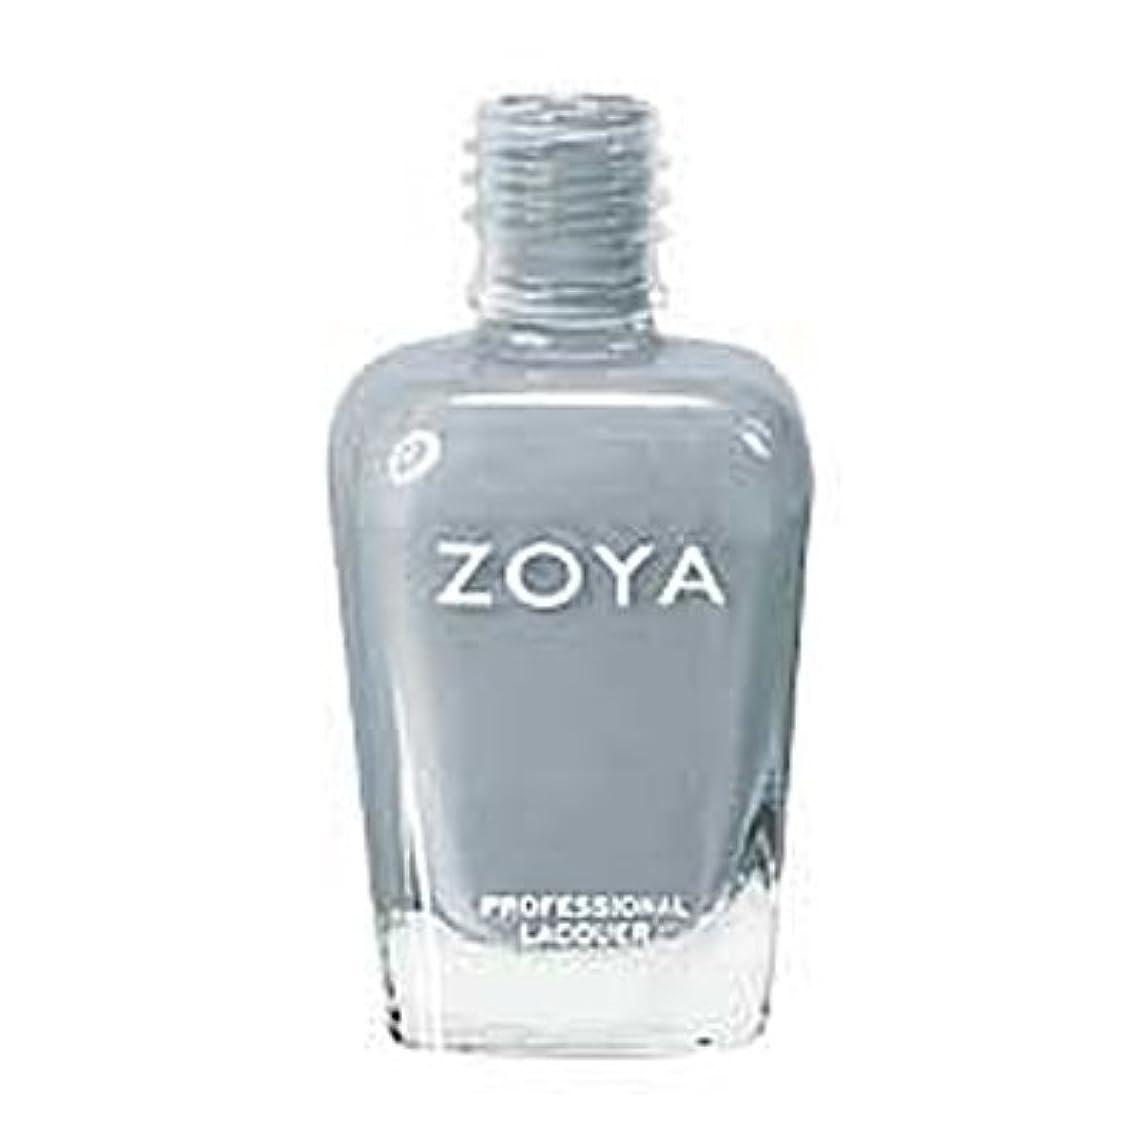 達成パットツーリスト[Zoya] ZP591 クリスティン [Feel Collection][並行輸入品][海外直送品]